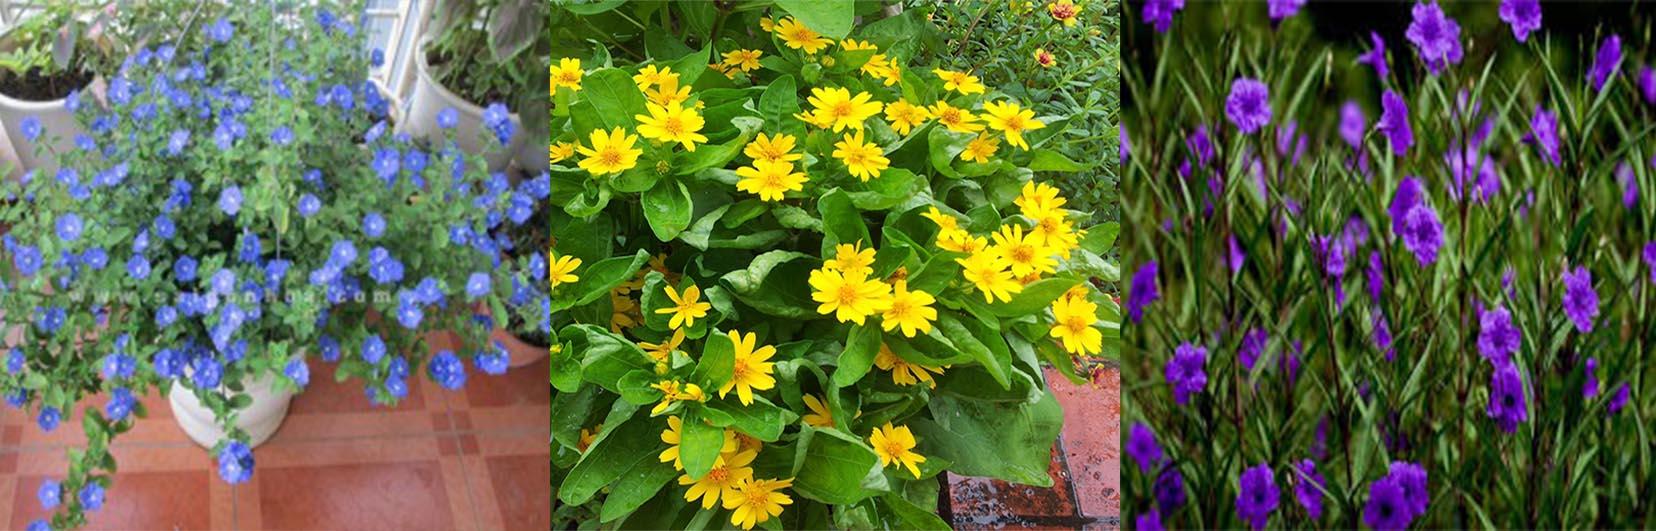 hoa theo mùa cho vườn tường